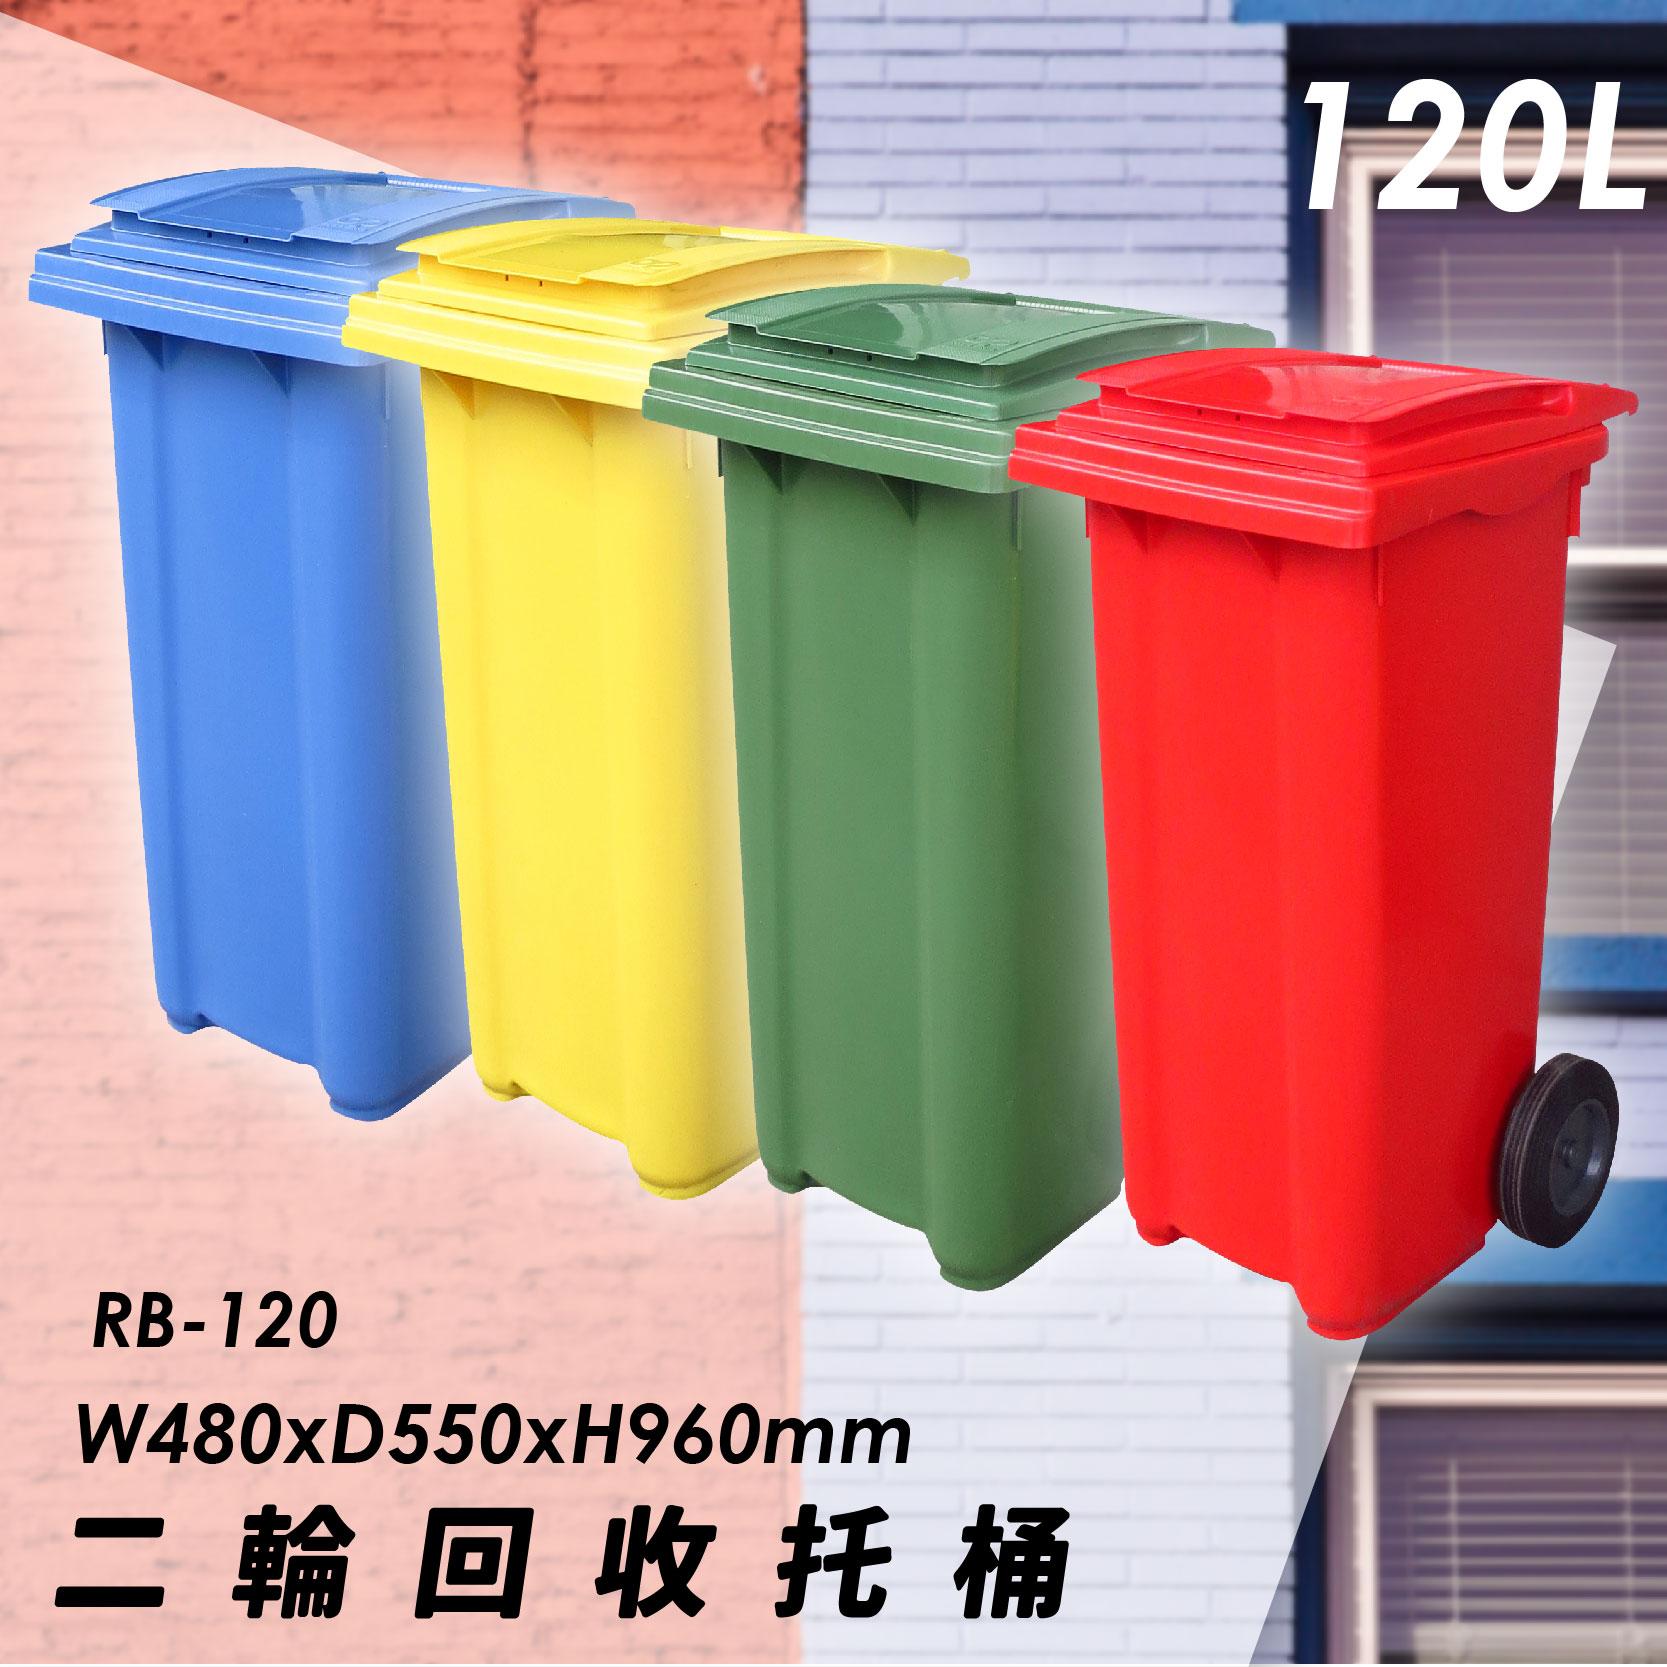 RB-120 二輪回收托桶(120公升) 垃圾子車 環保子車 垃圾桶 垃圾車 公共設施 歐洲認證 清潔車 清運車